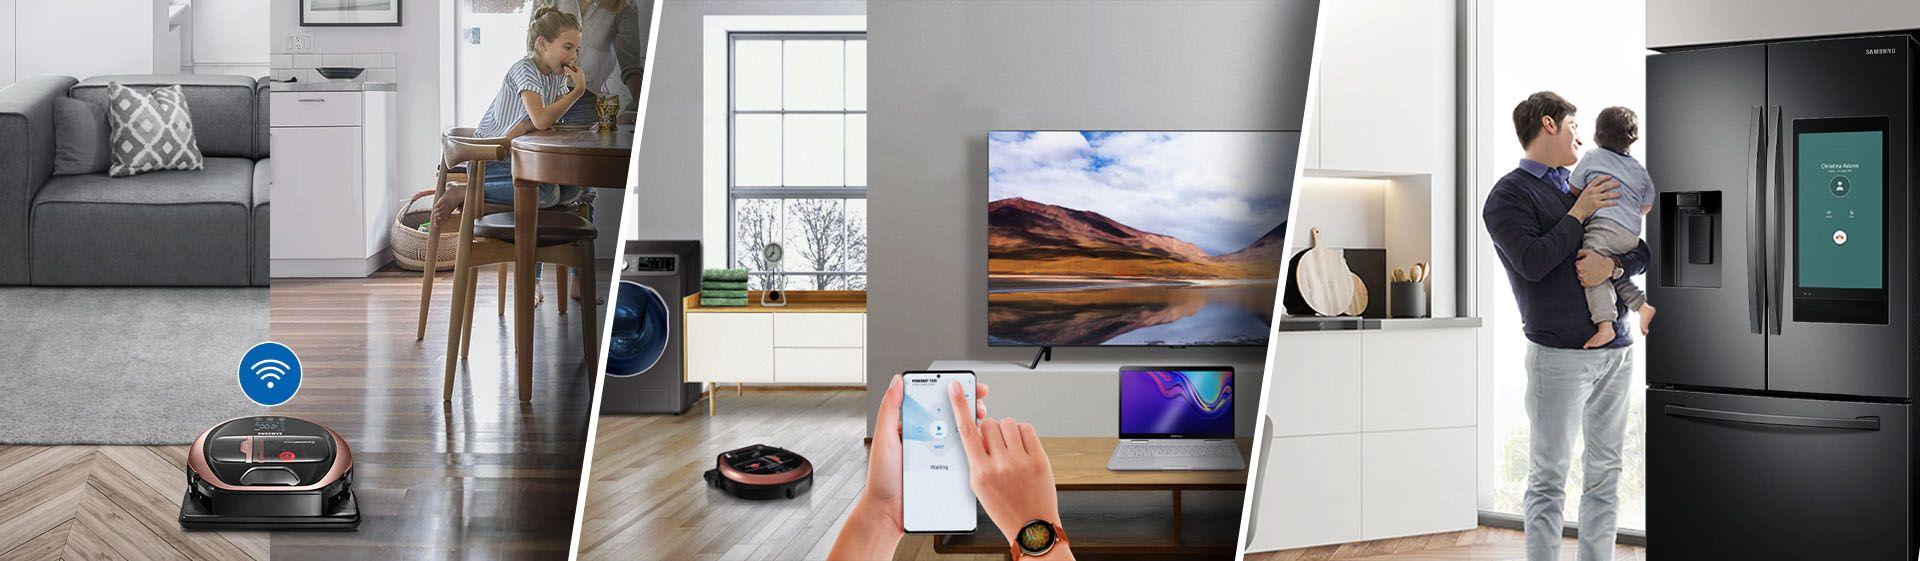 Casa Inteligente Samsung: veja como comandar por voz vários aparelhos da marca